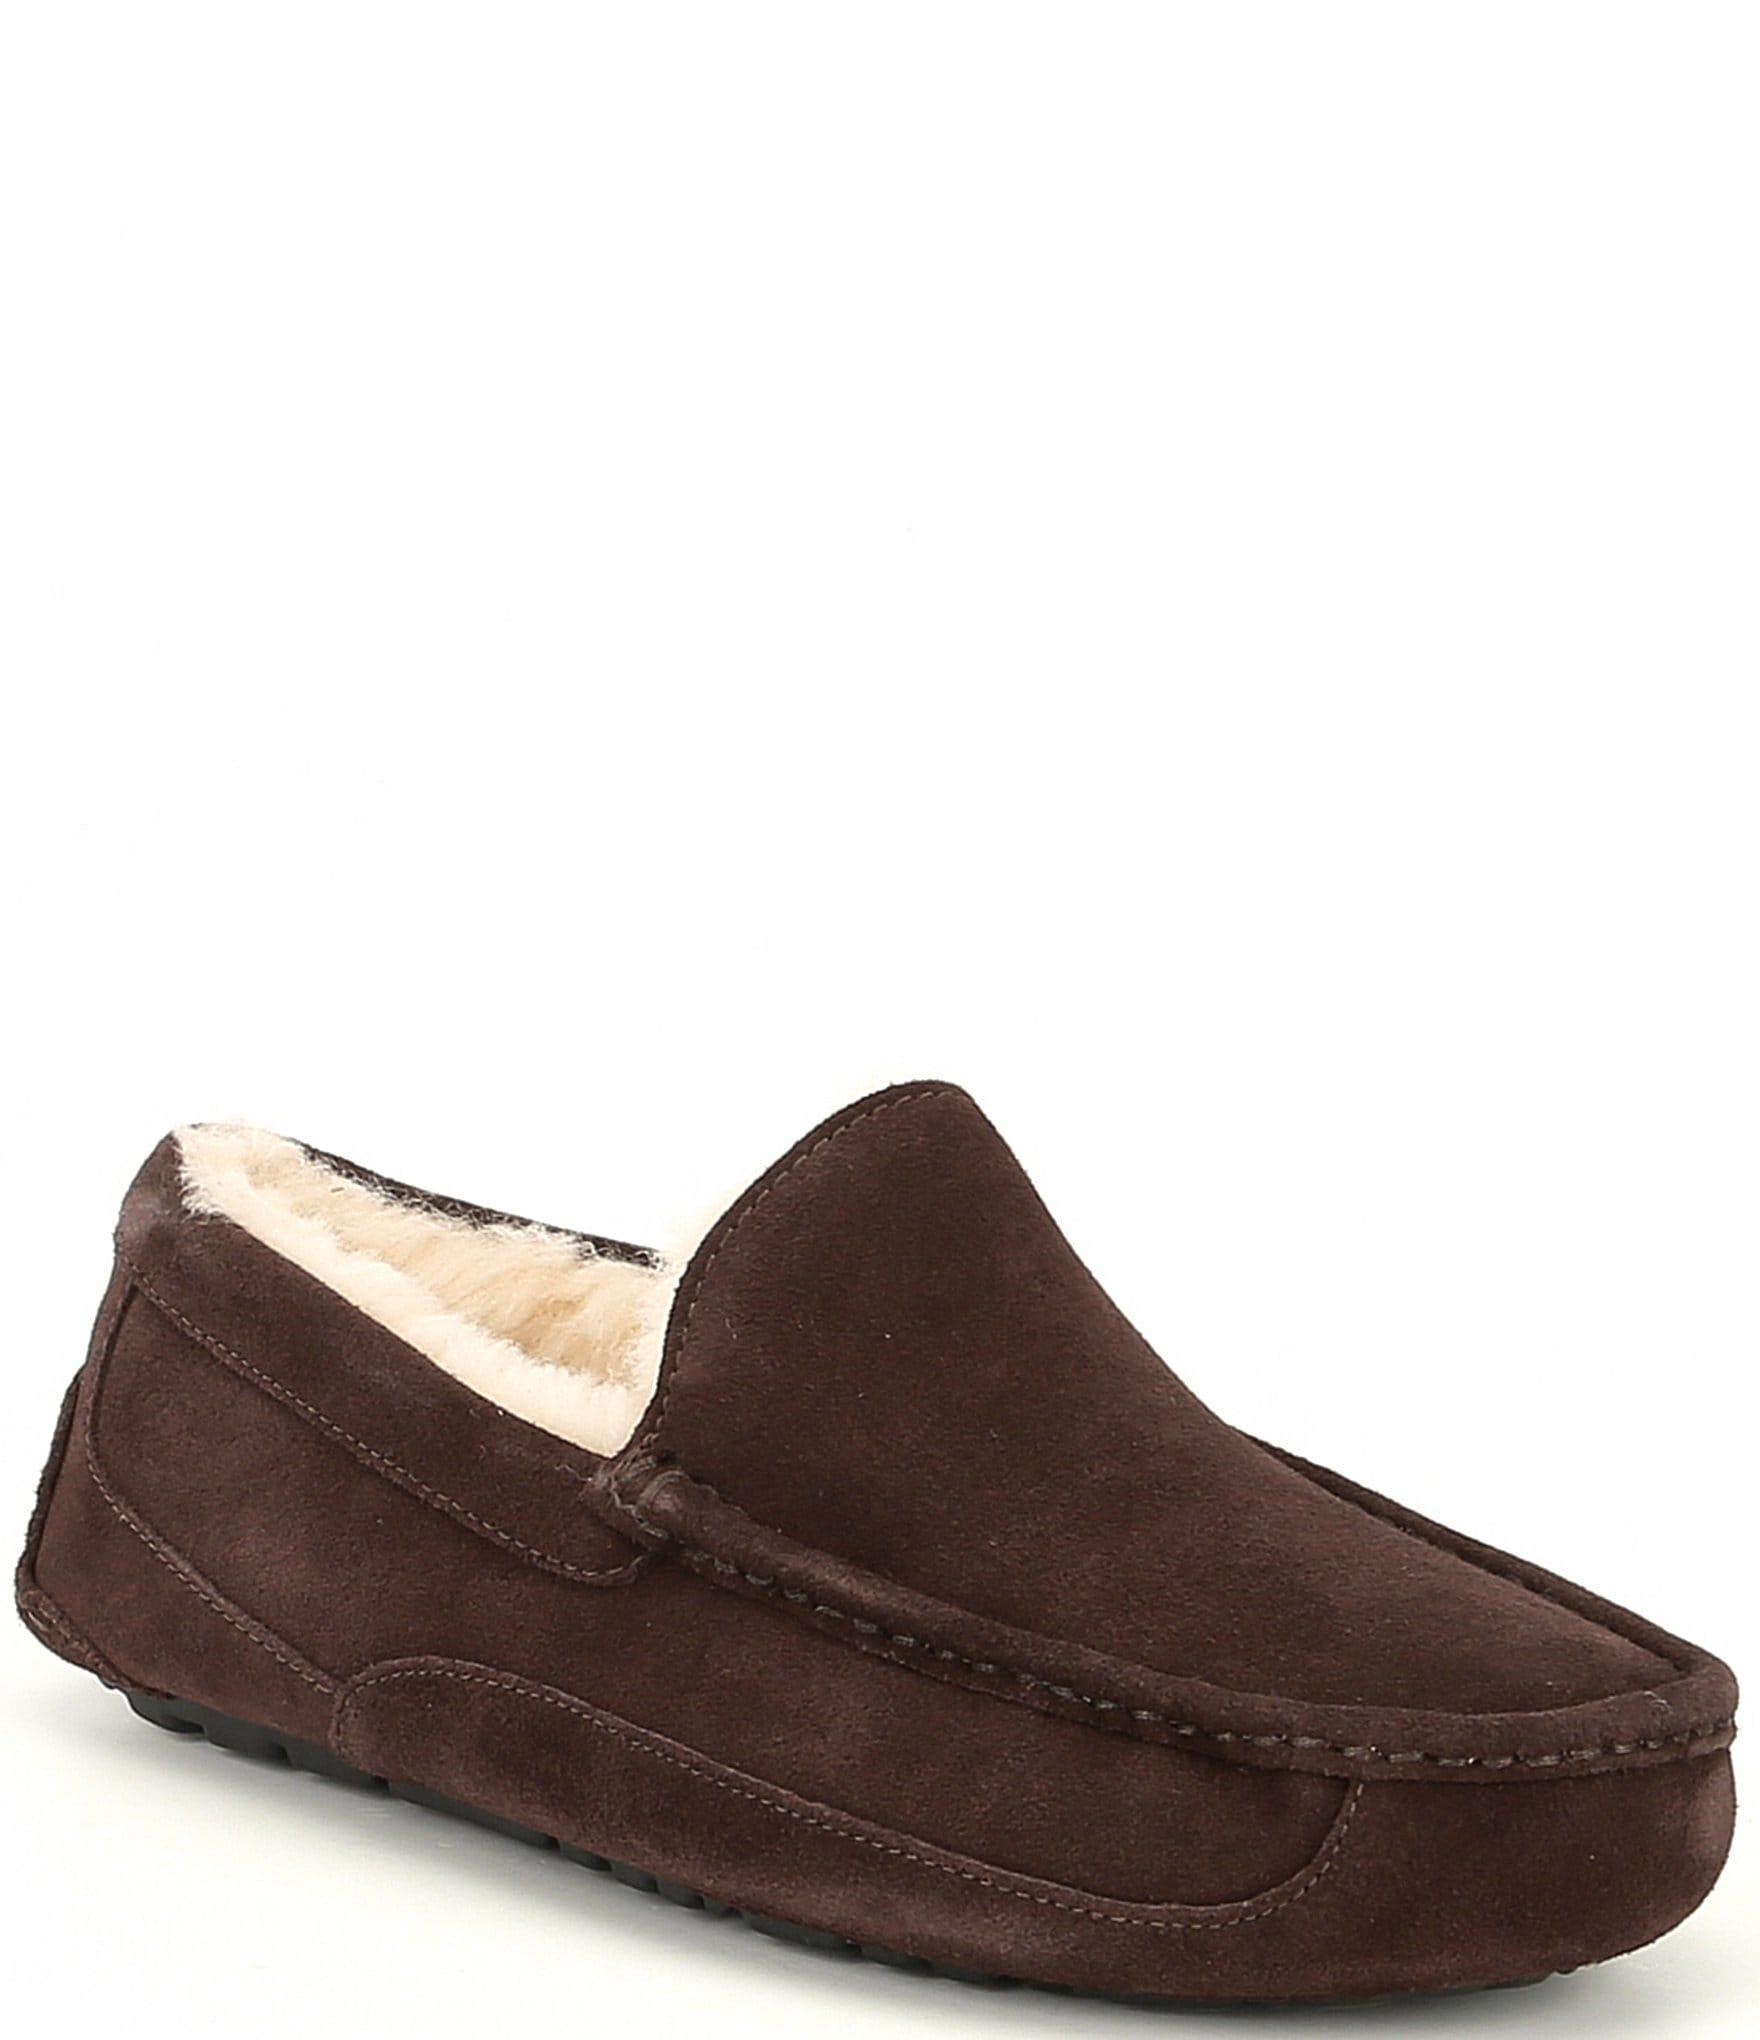 f8fc3249d76 UGG® Men's Ascot Slippers | Dillard's